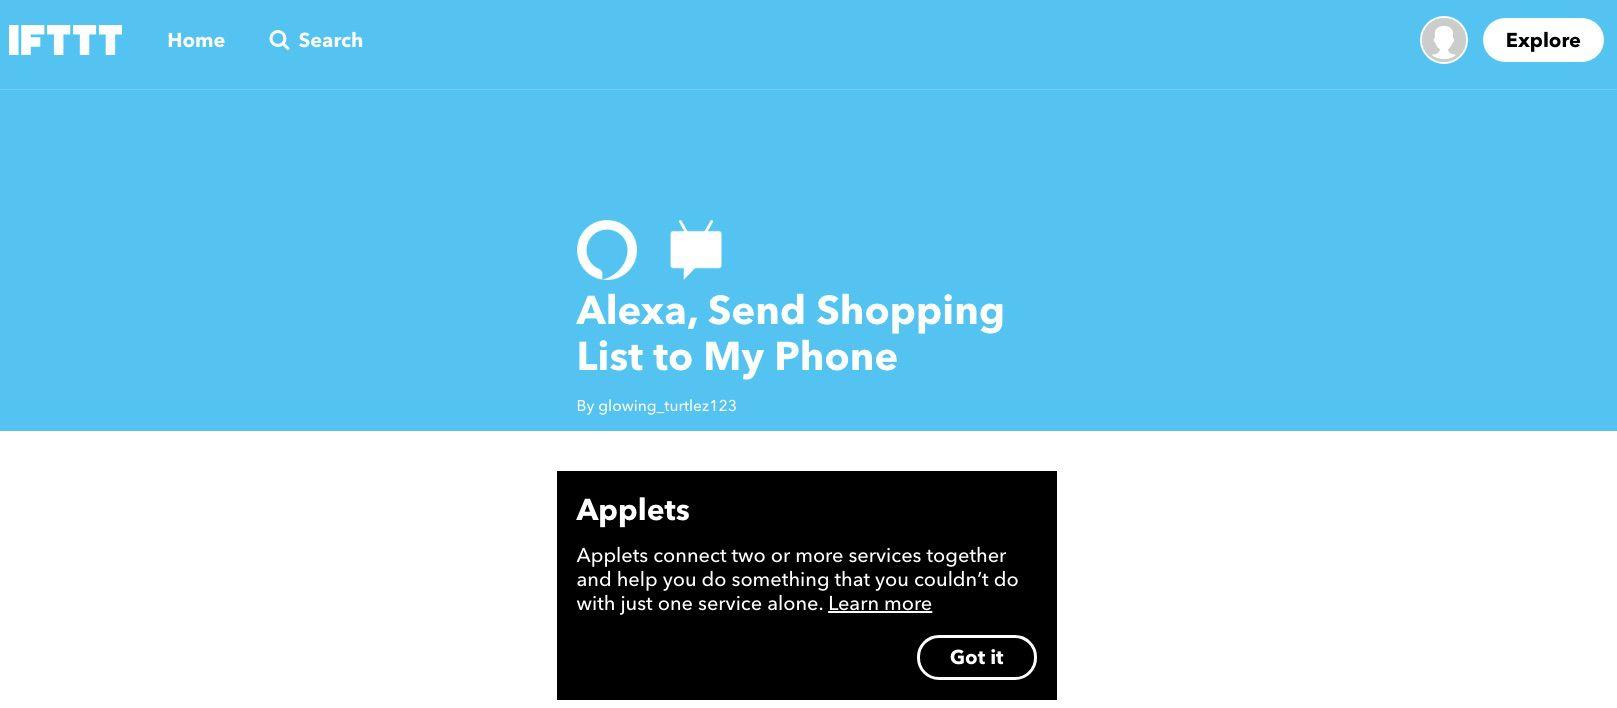 Screenshot of IFTTT applet that lets Alexa send shopping list to phone